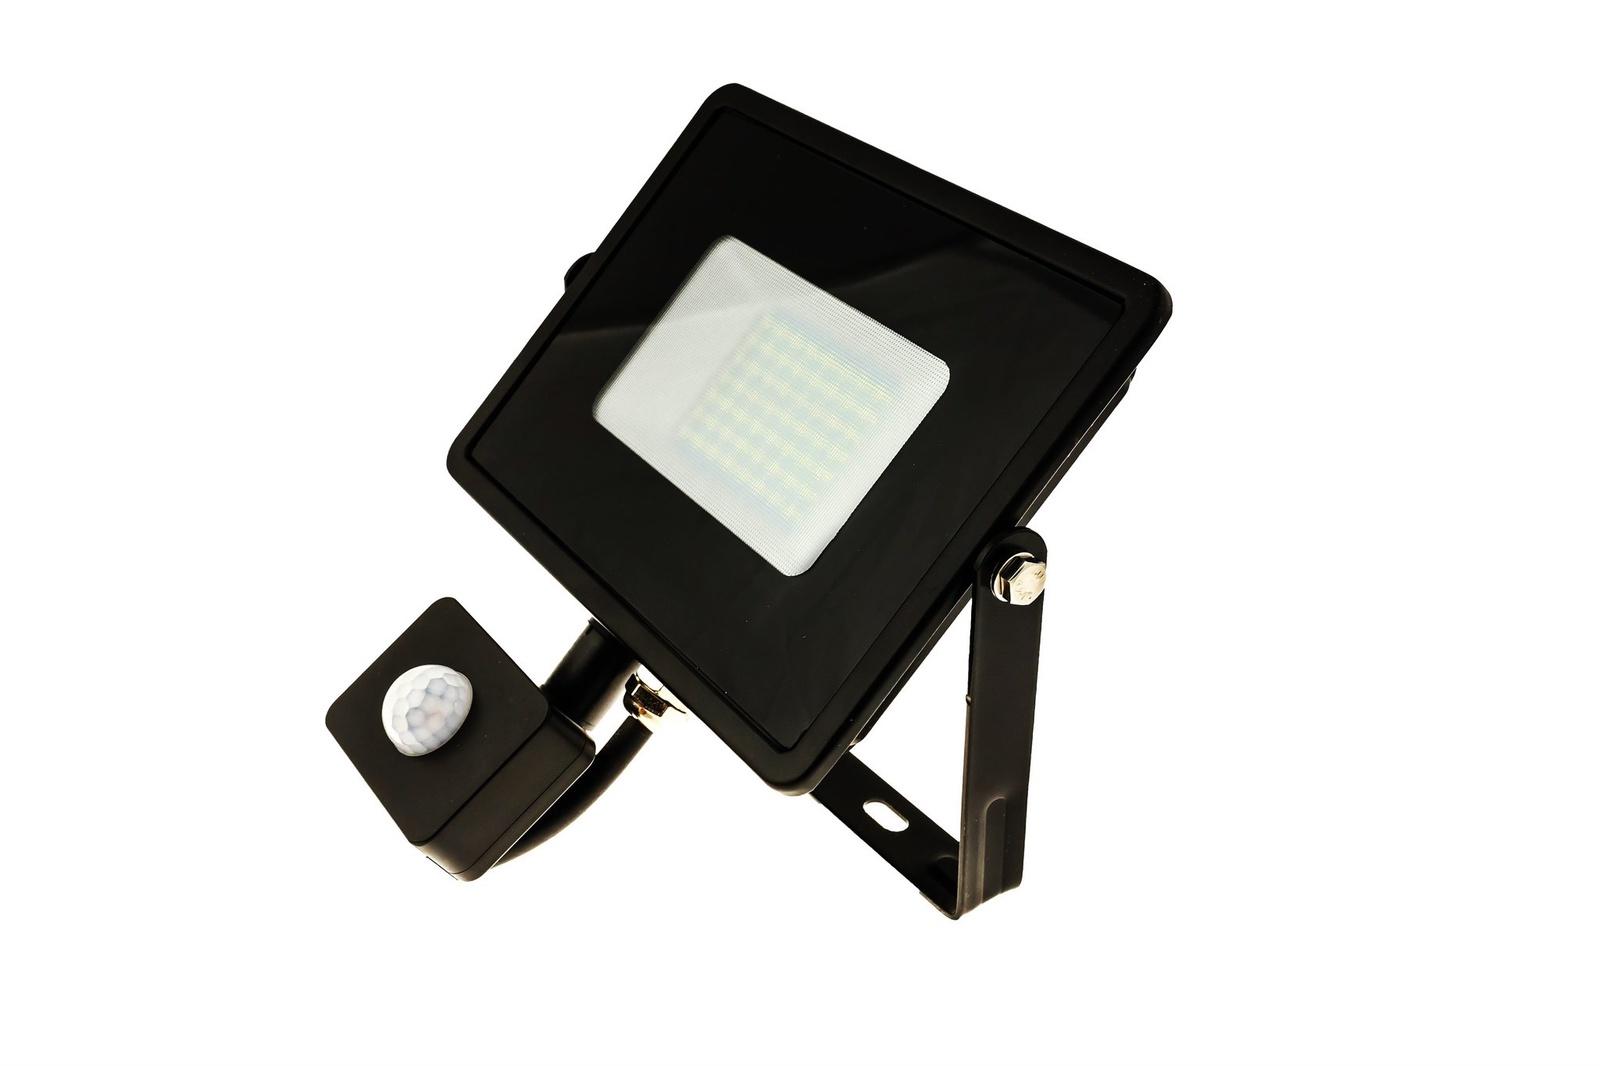 Прожектор Feron Светодиодный с датчиком движения LL-908, 50 Вт светодиодный прожектор ip65 50w желтый feron ll 275 12204